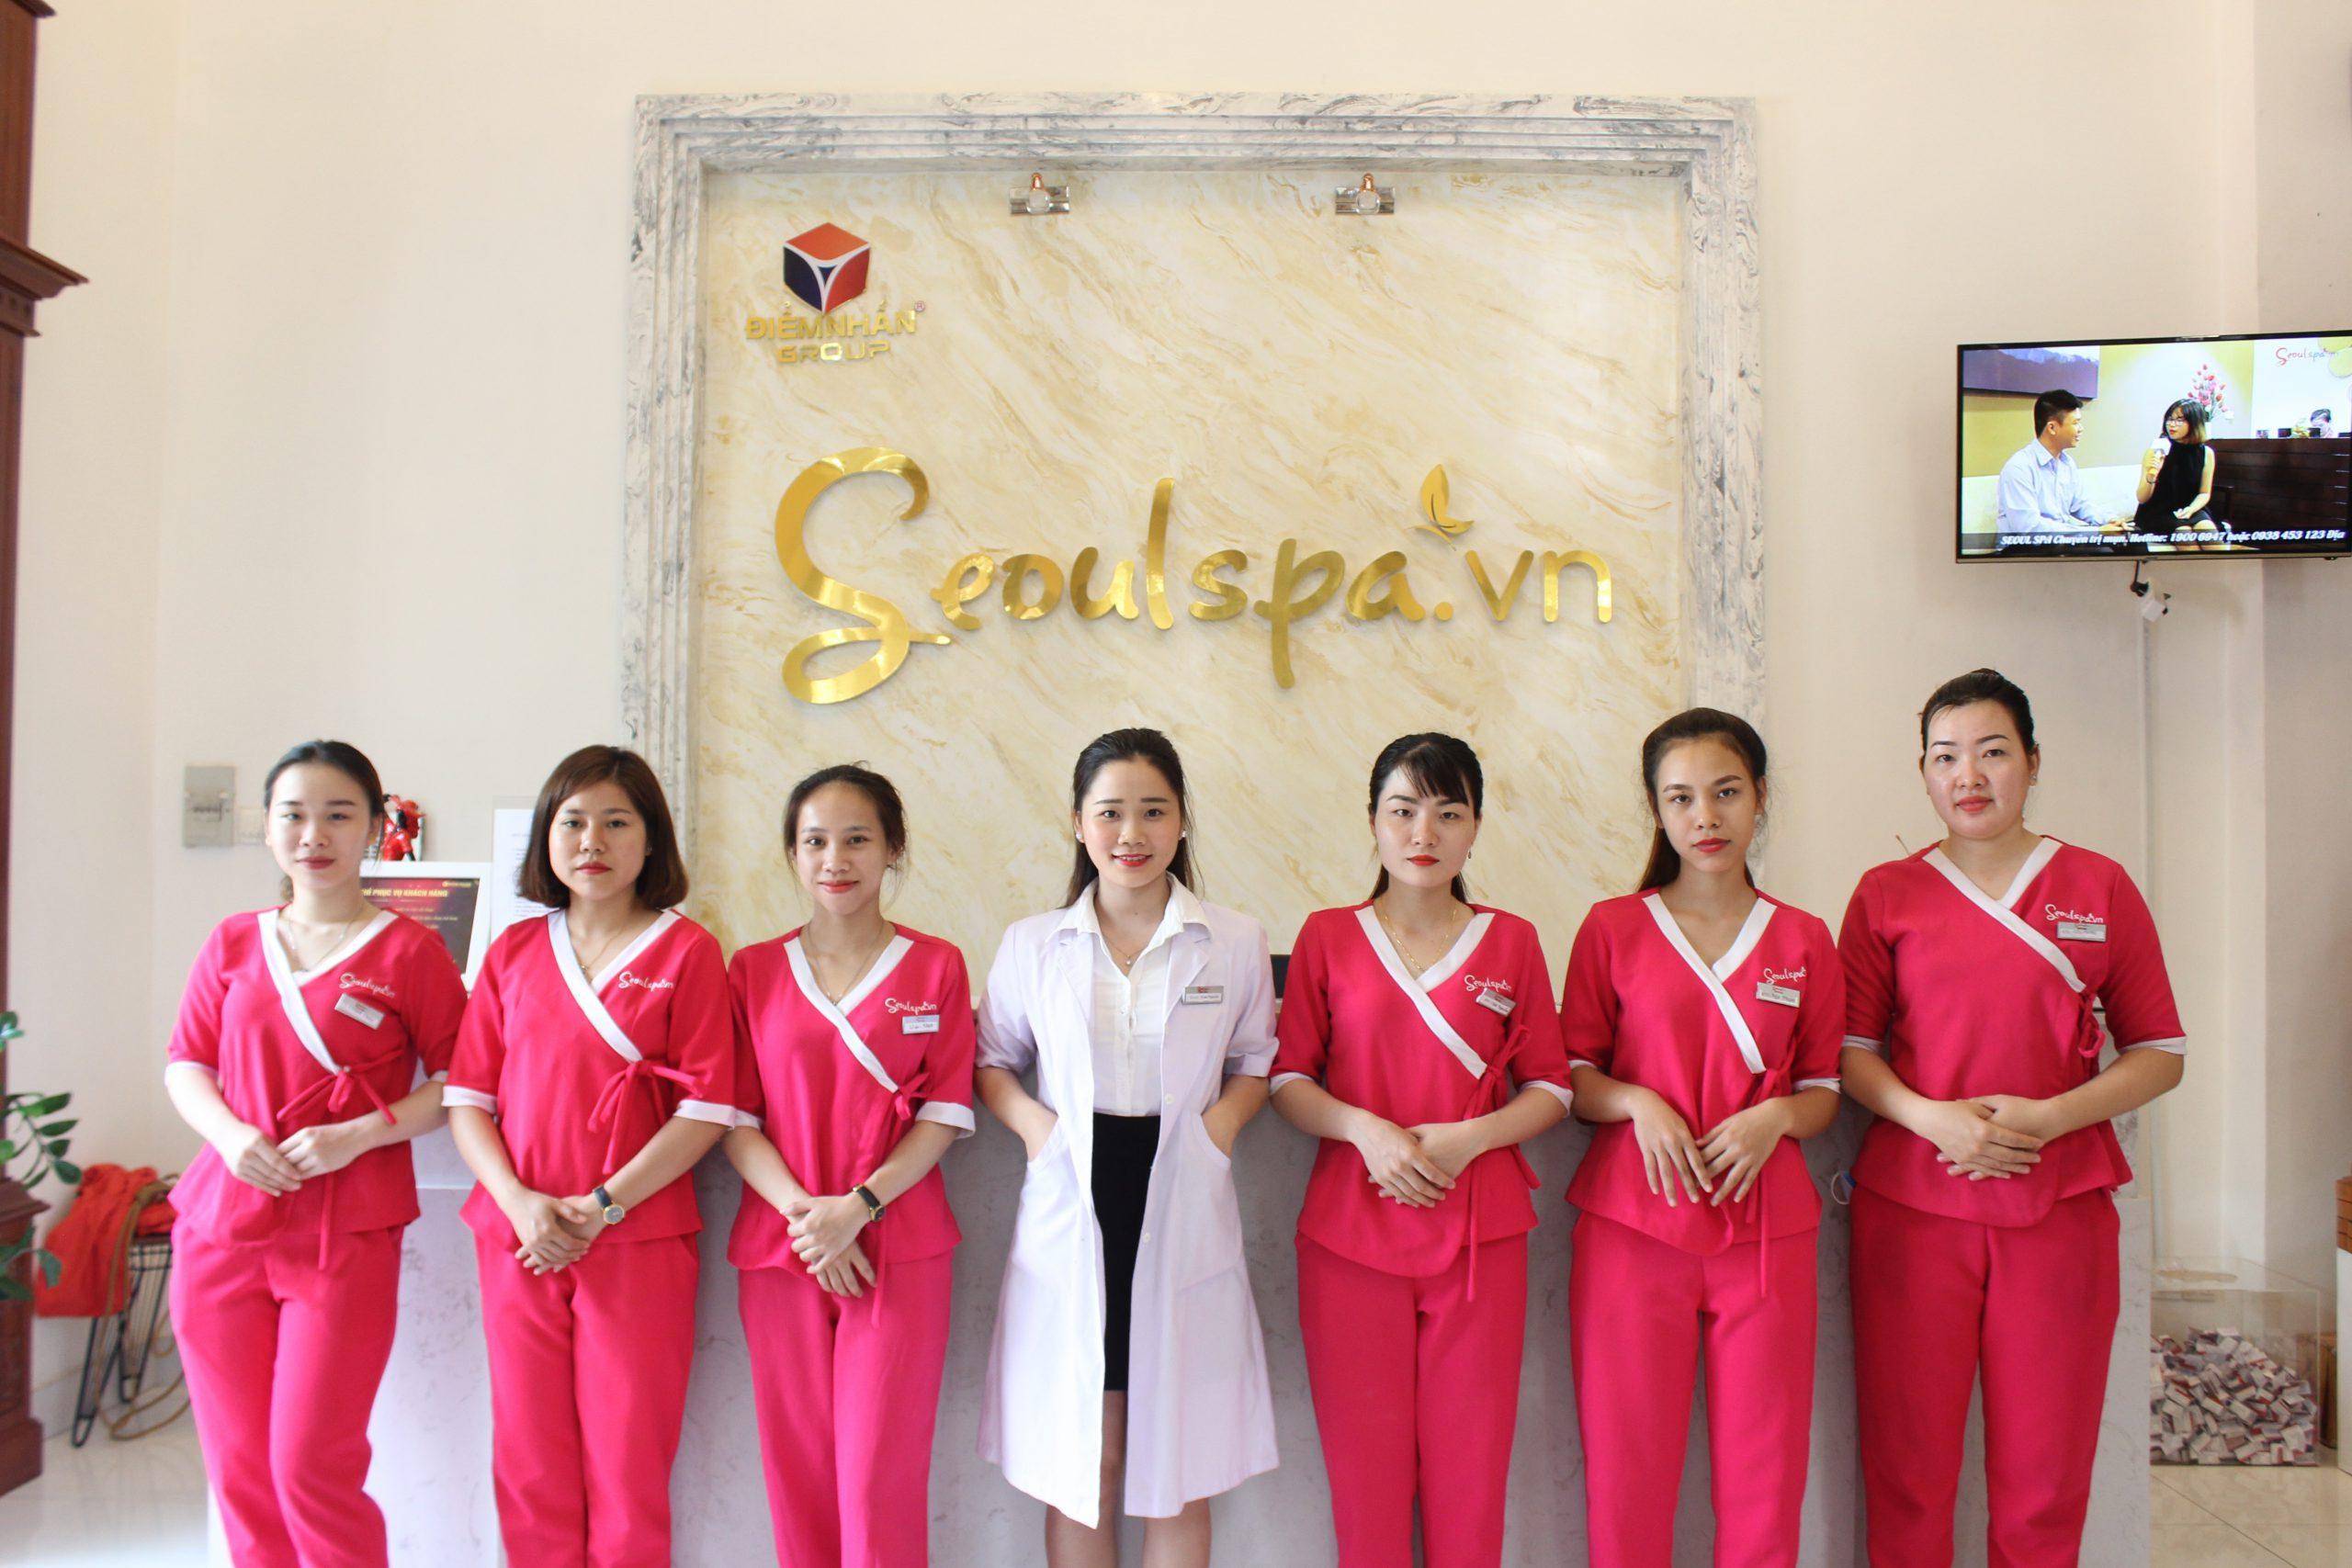 Học viên được hỗ trợ nhượng quyền Seoul Spa sau khi tốt nghiệp